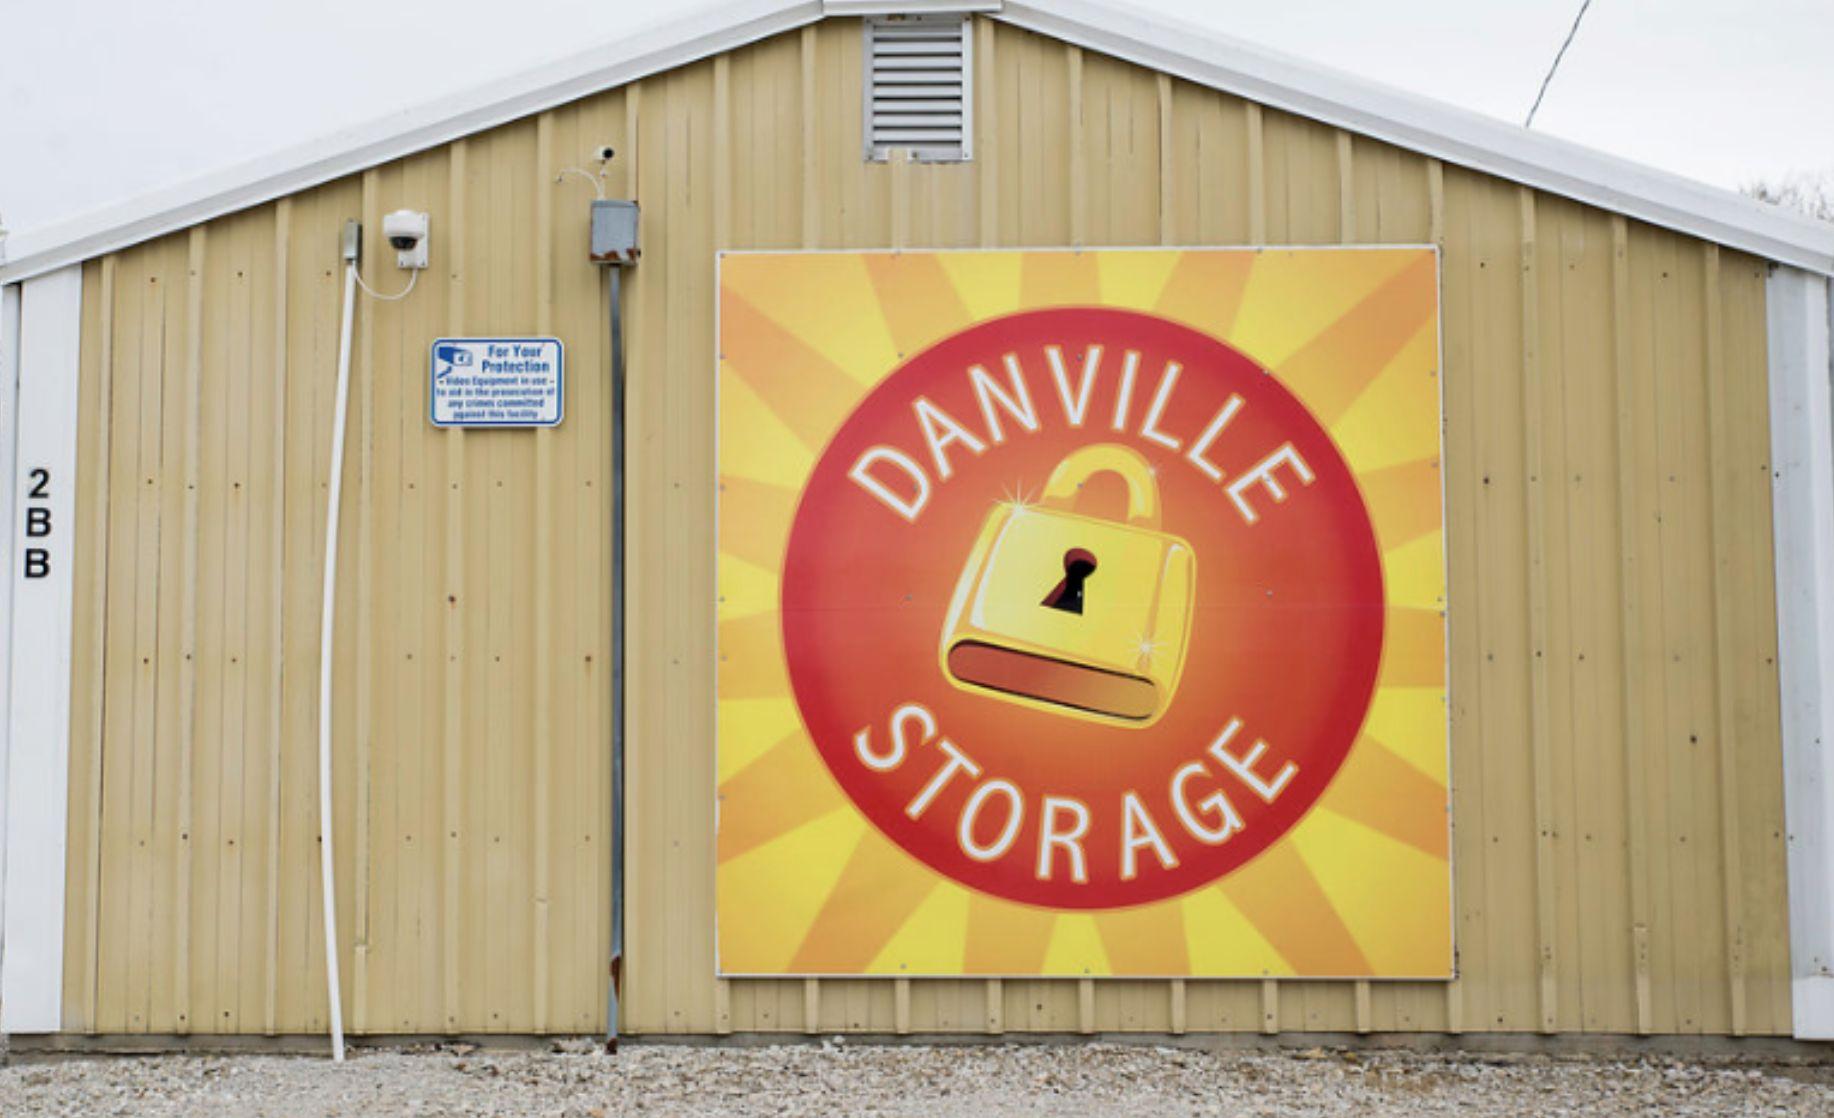 Danville Storage - icon